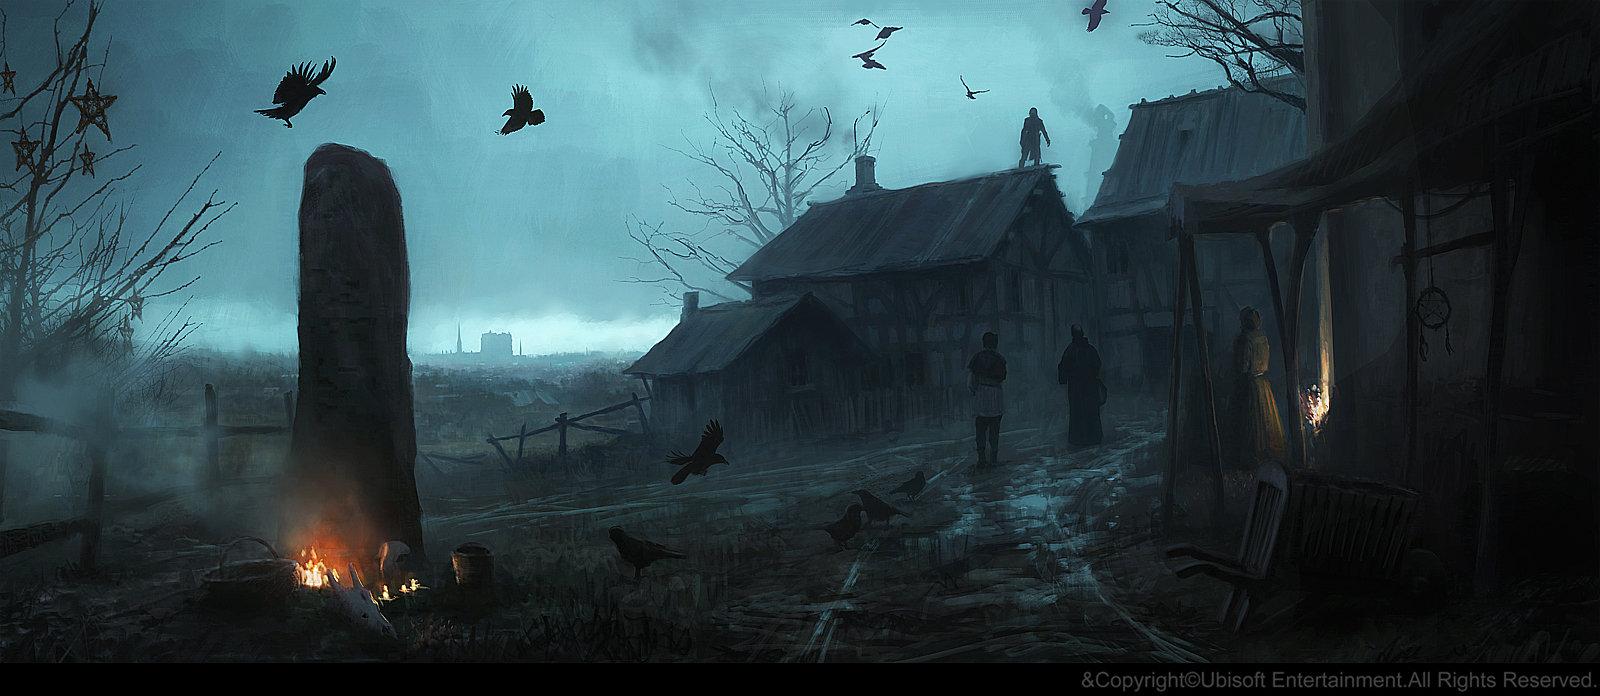 gilles-beloeil-acu-ev-medieval-rural-mystique-gbeloeil.jpg